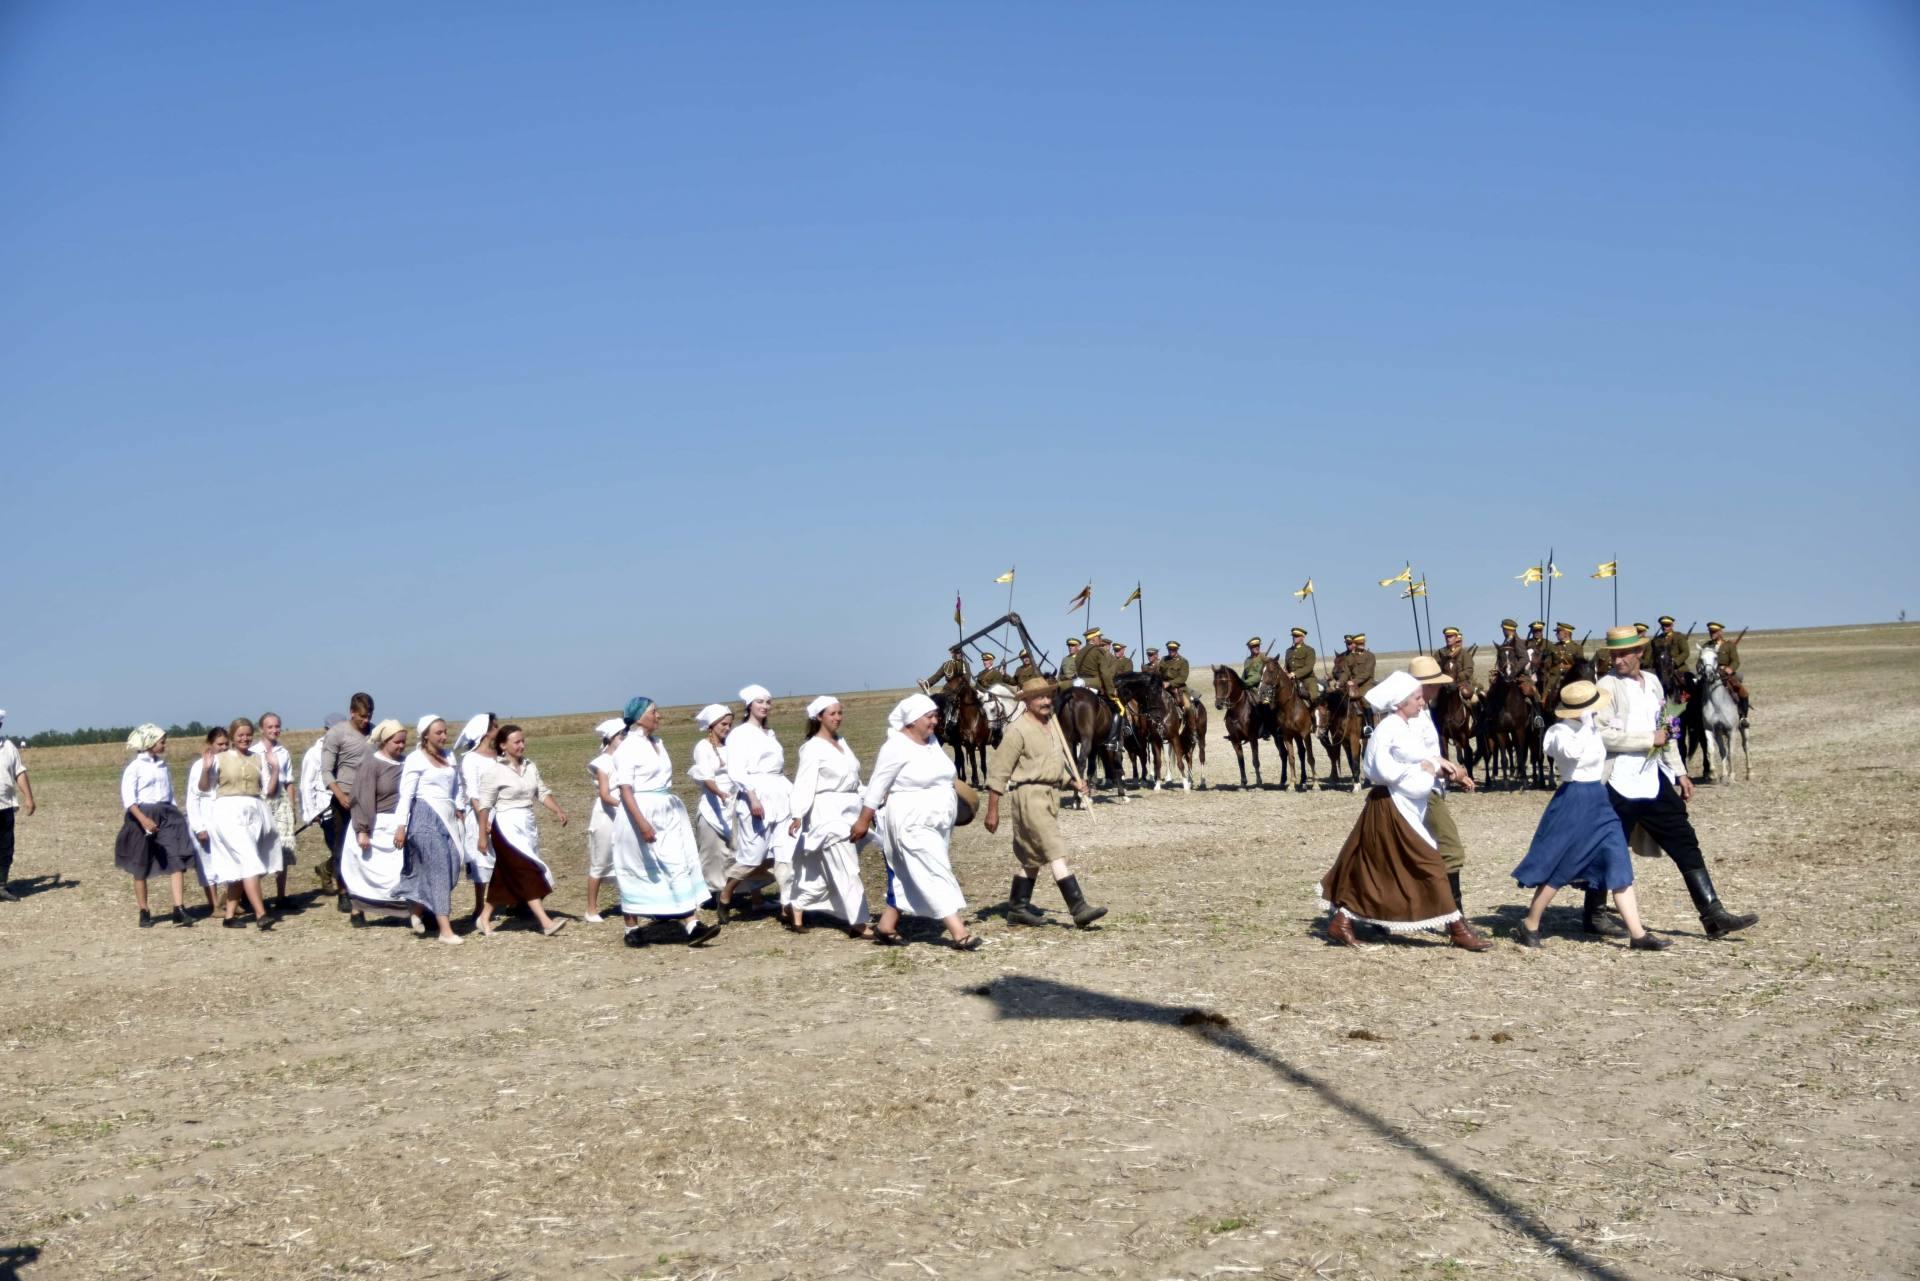 dsc 1164 Czas szabli - 100 rocznica bitwy pod Komarowem(zdjęcia)